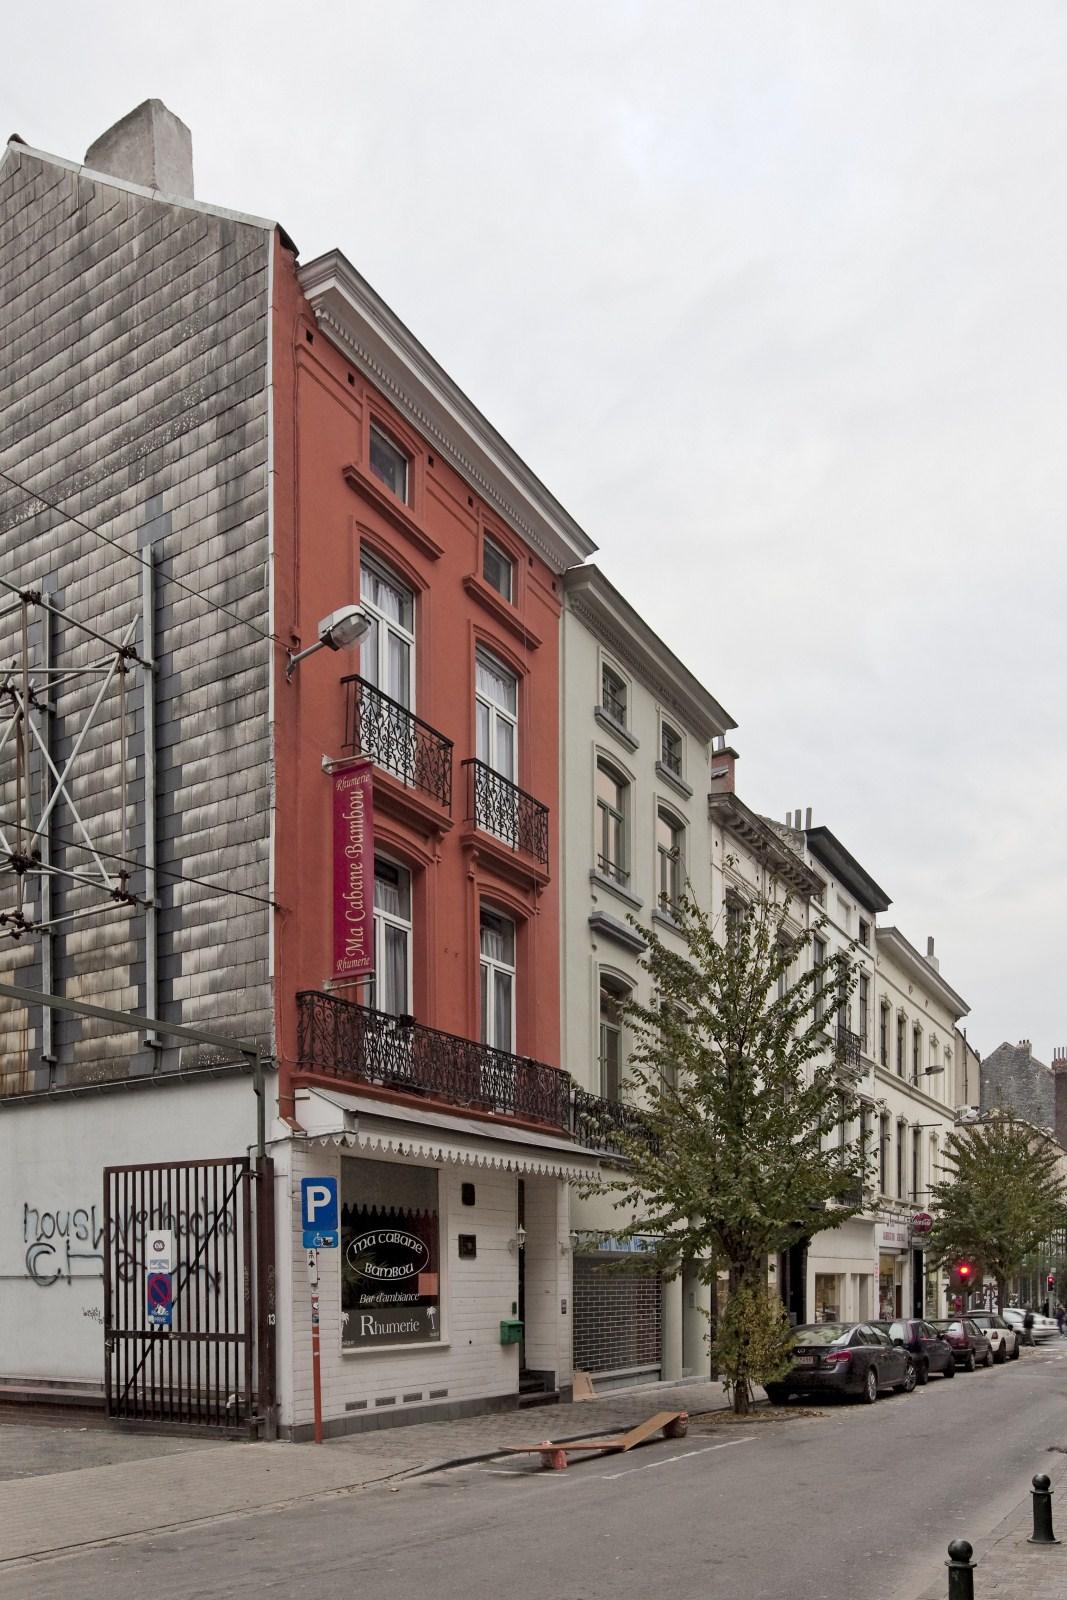 Rue du Prince Royal 11 à 5.© 2009 © bepictures / BRUNETTA V. – EBERLIN M.